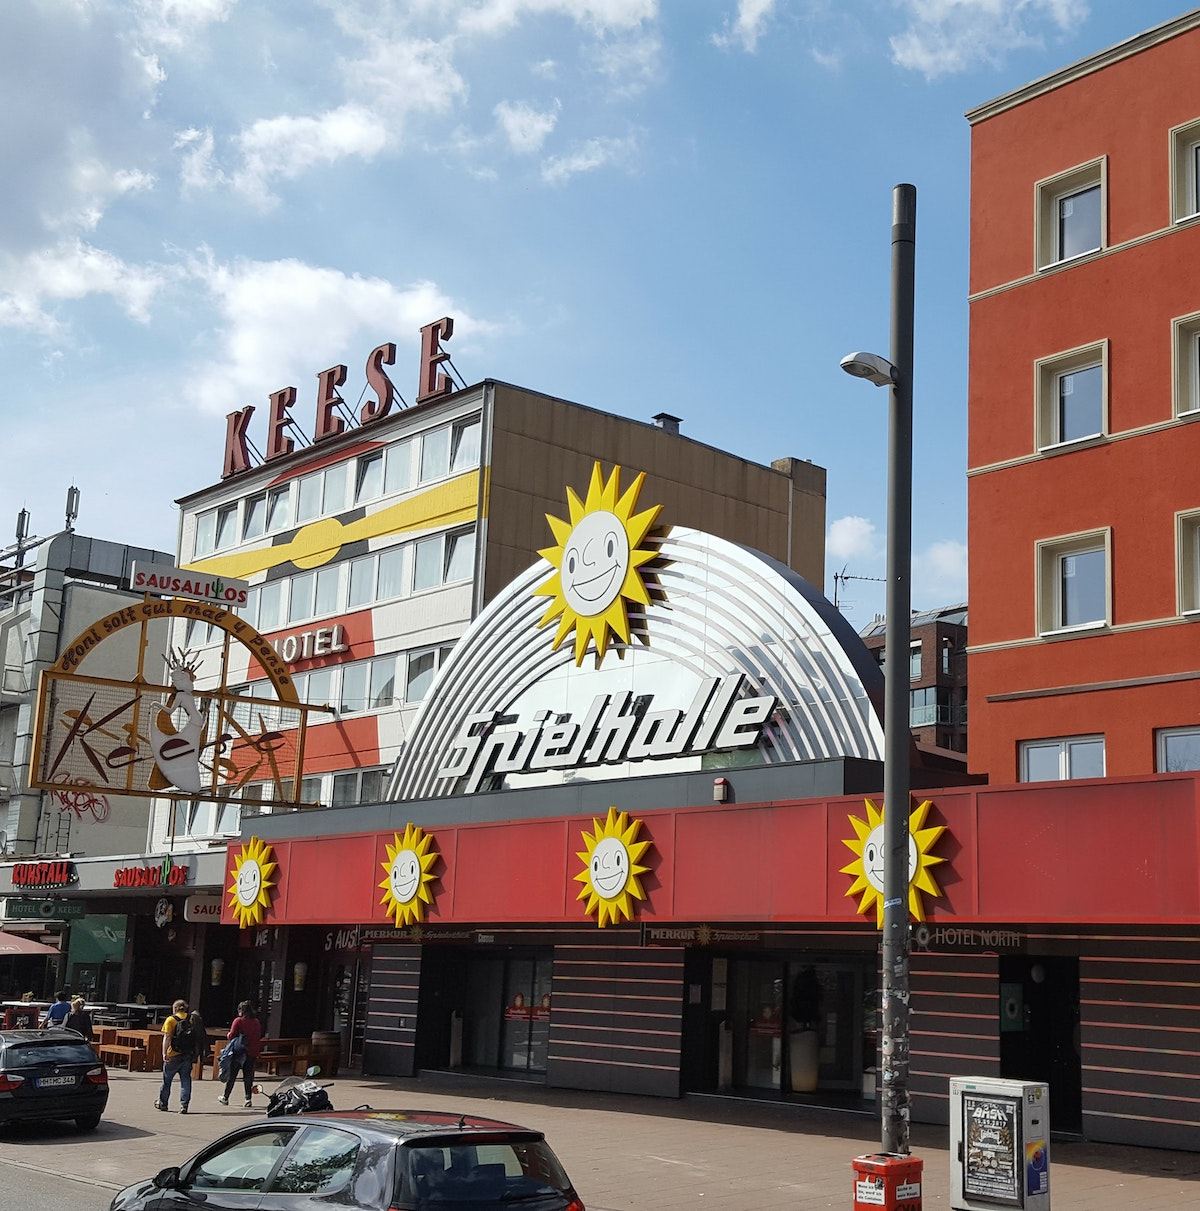 sank pauli allemagne rue boutique restaurant immeuble rouge